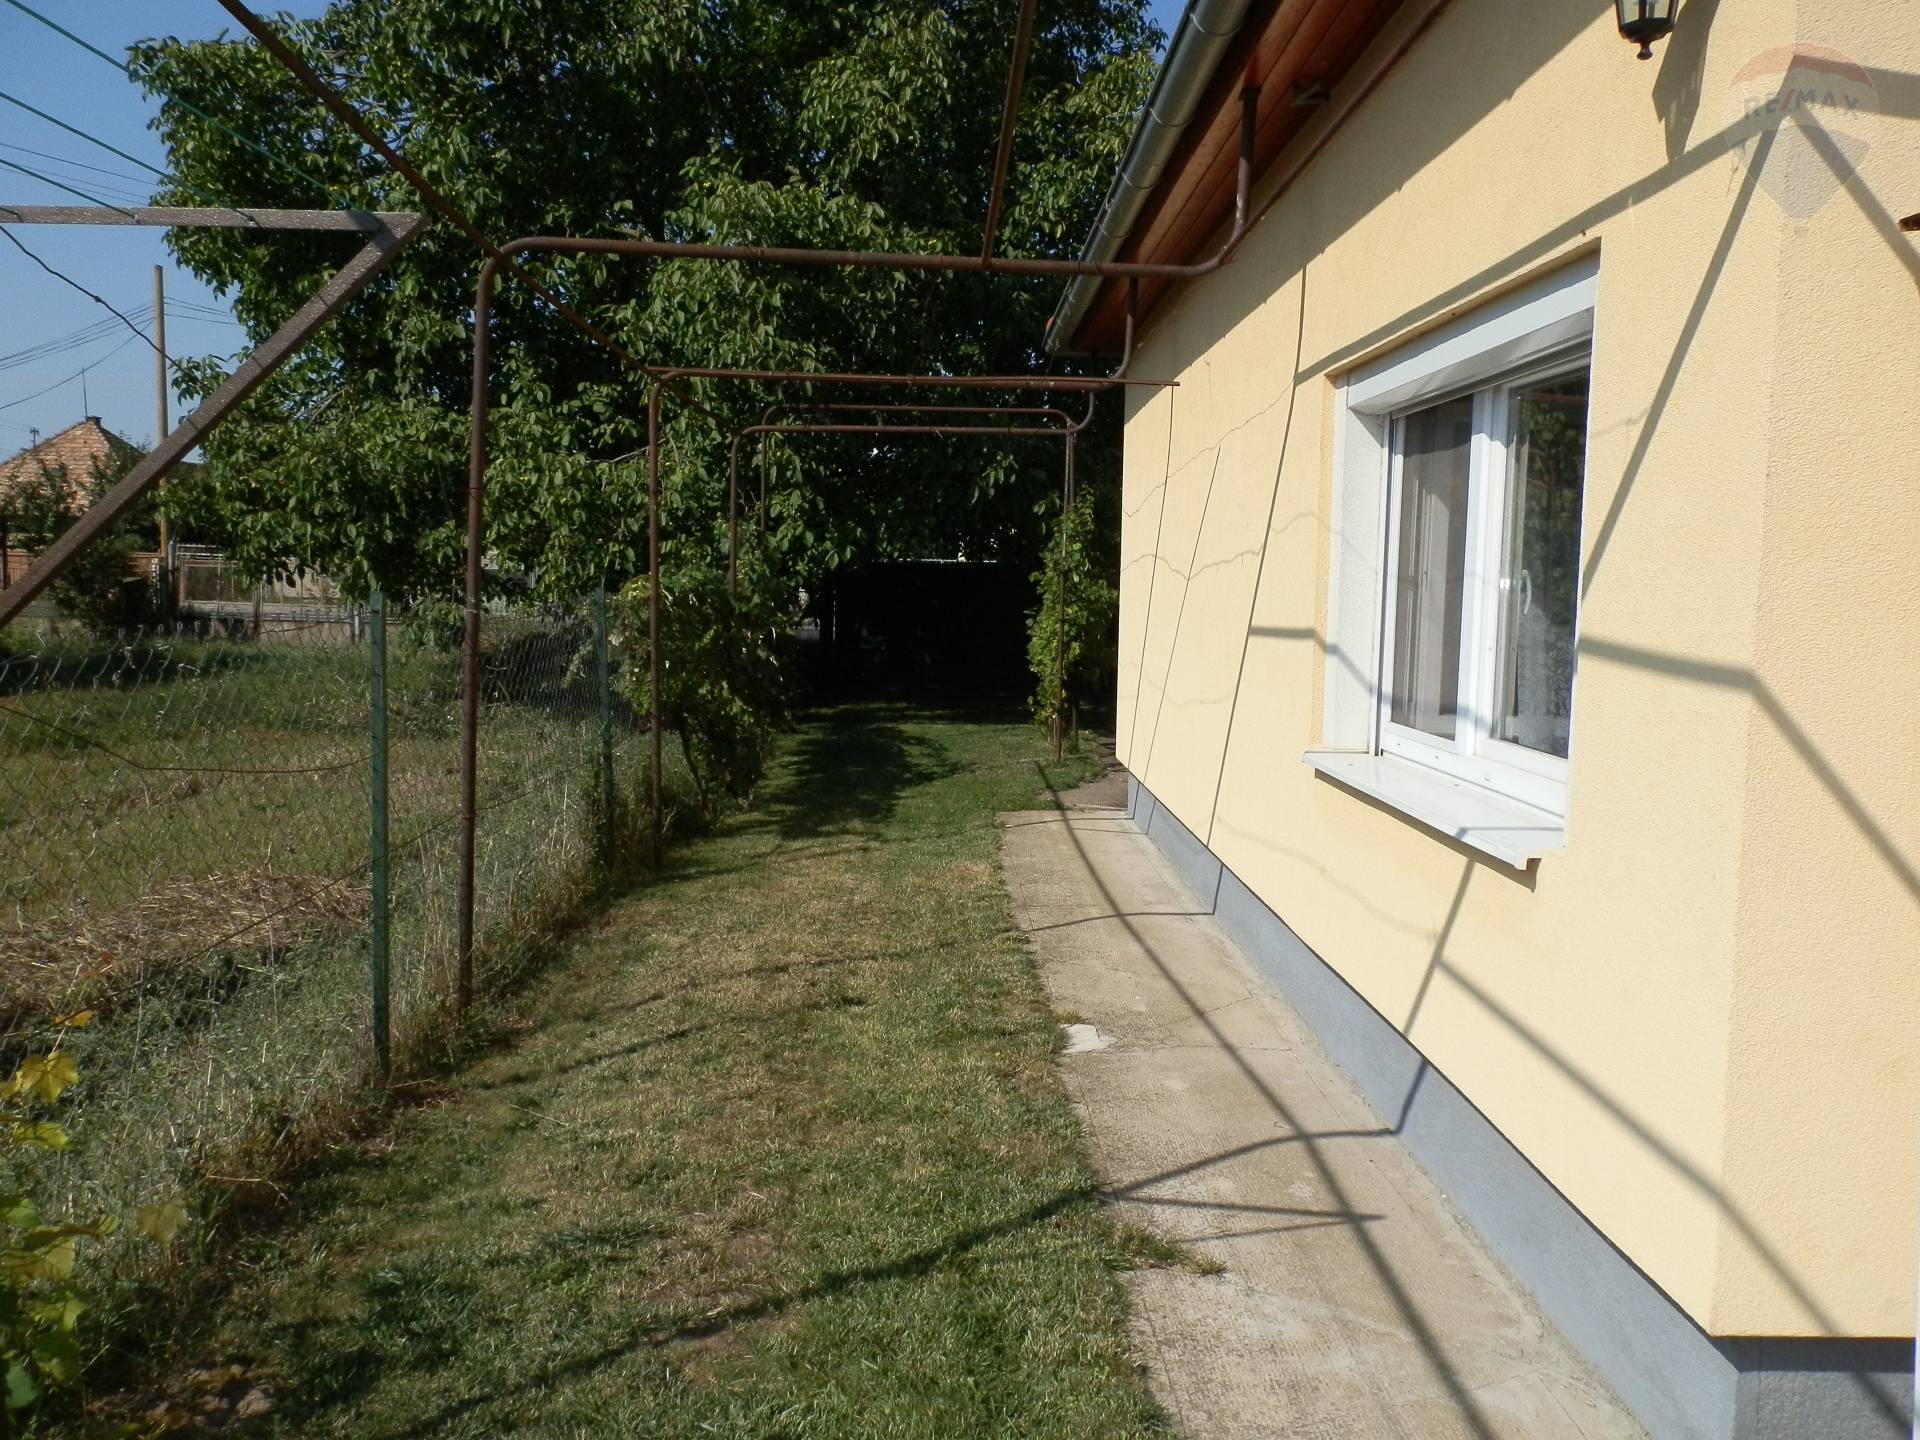 Prenájom domu 110 m2, Branč -